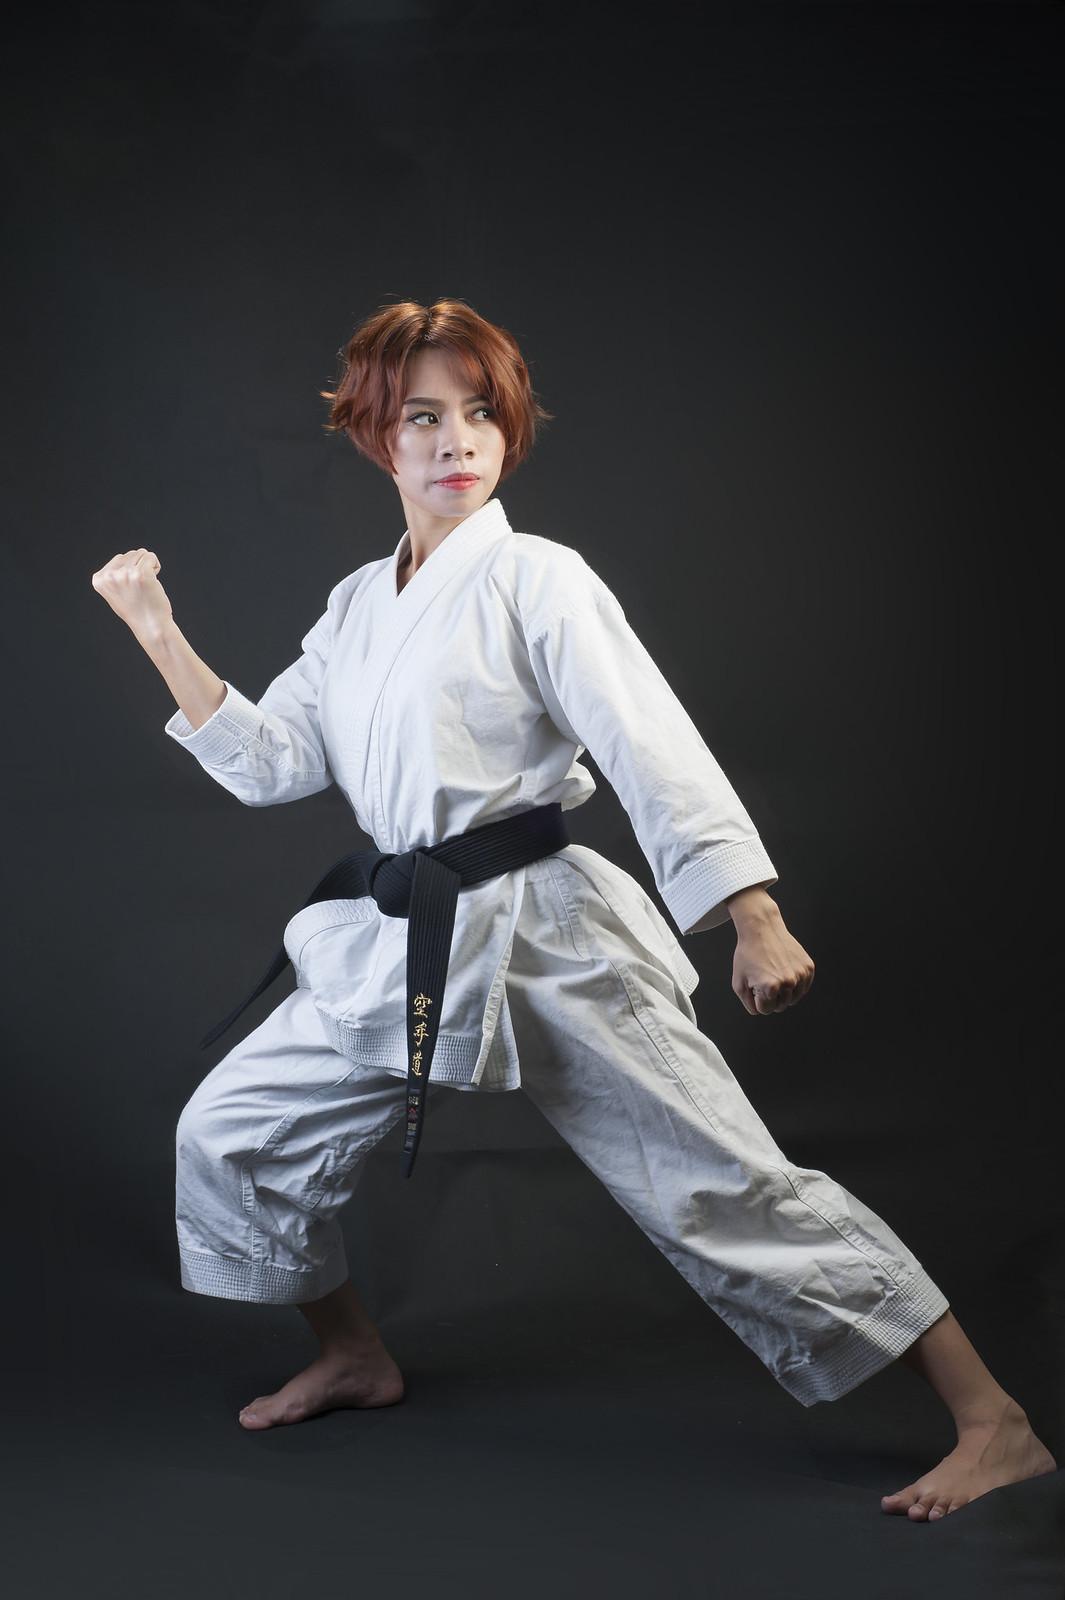 42980370611 ac11bc31ba h - Bộ ảnh võ thuật Karate Girl phiên bản Việt